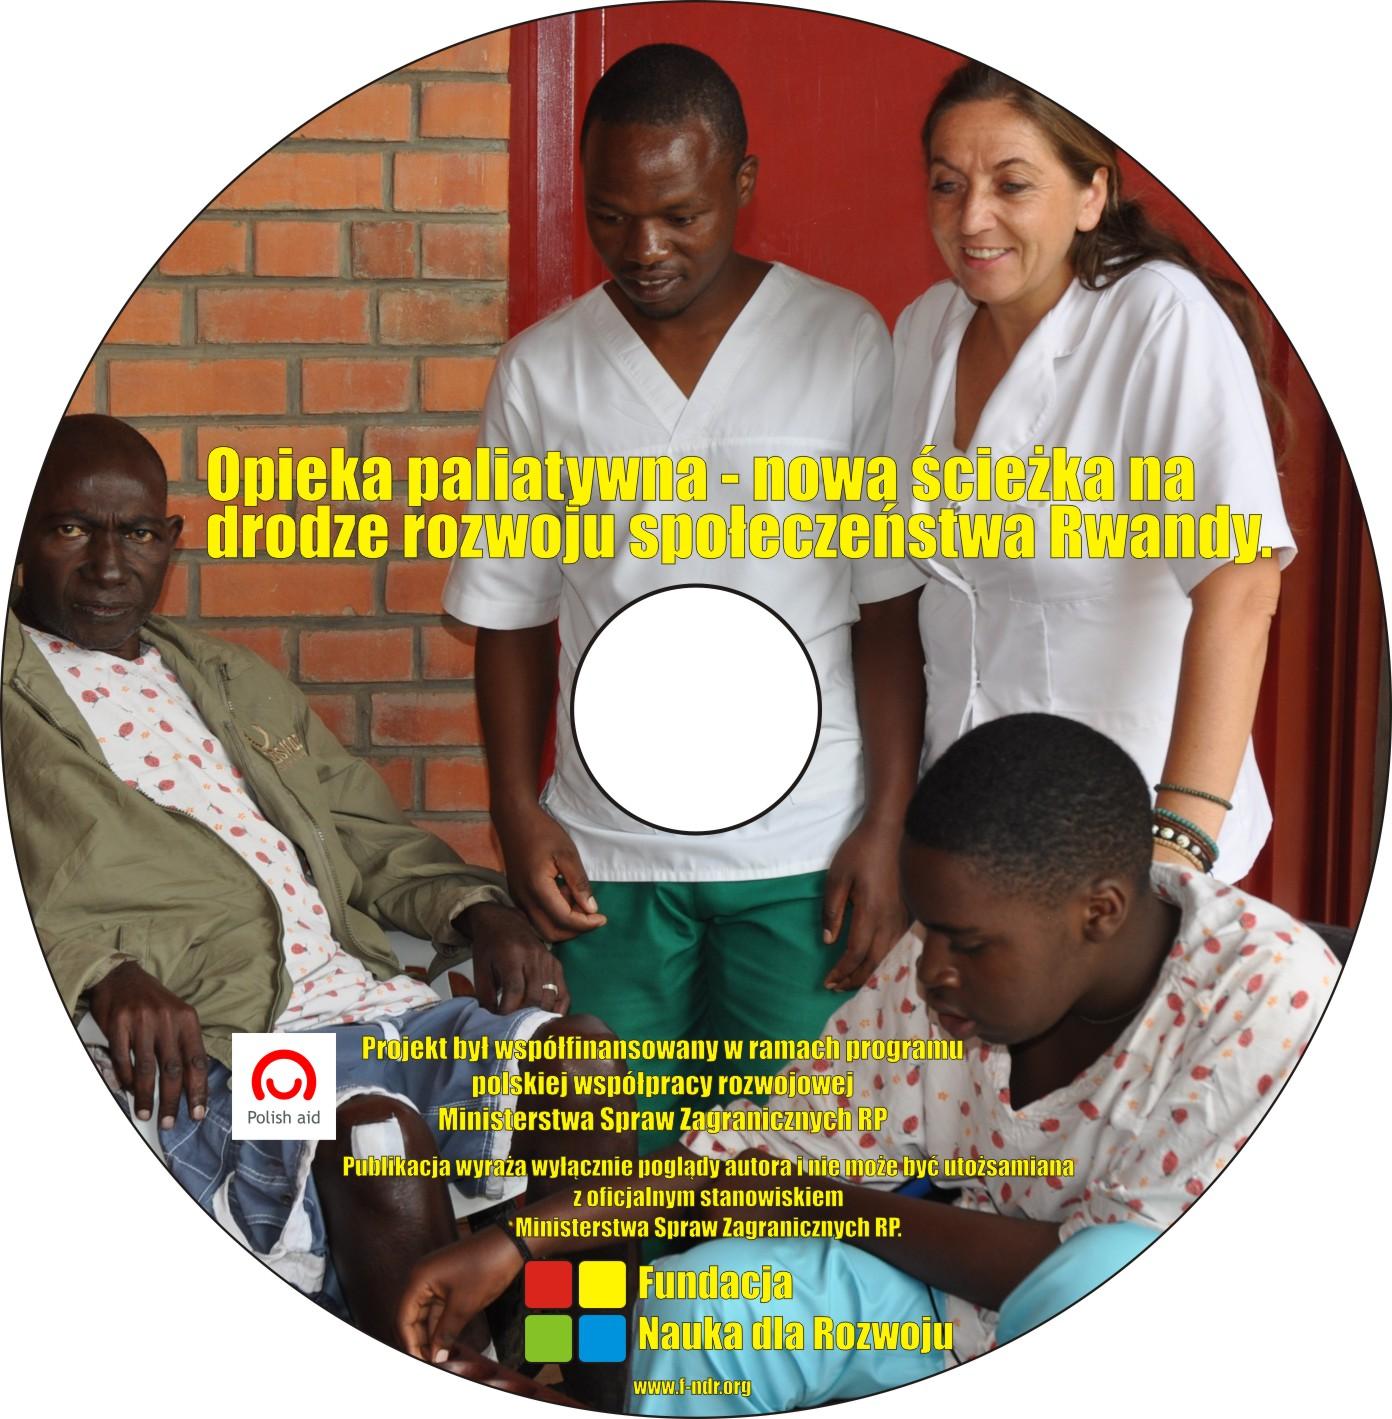 dvd_rwanda